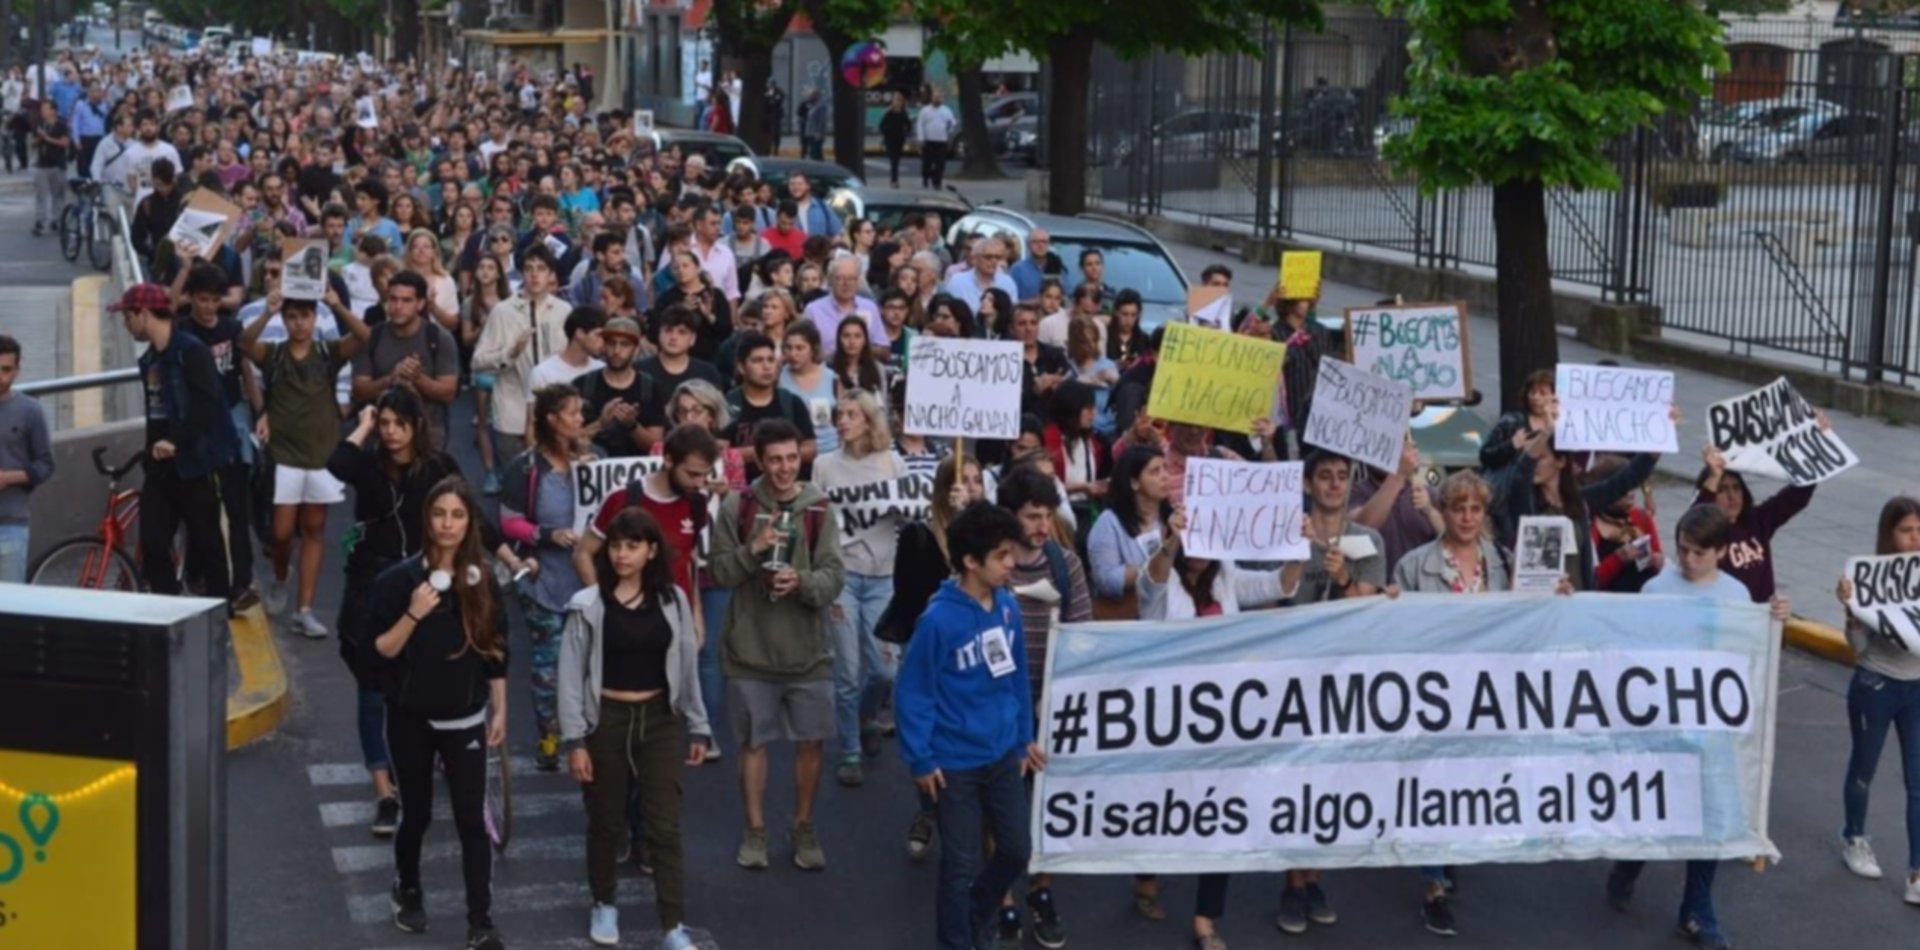 La Plata busca a Ignacio Galván: amigos y familiares marcharon por la aparición de Nacho